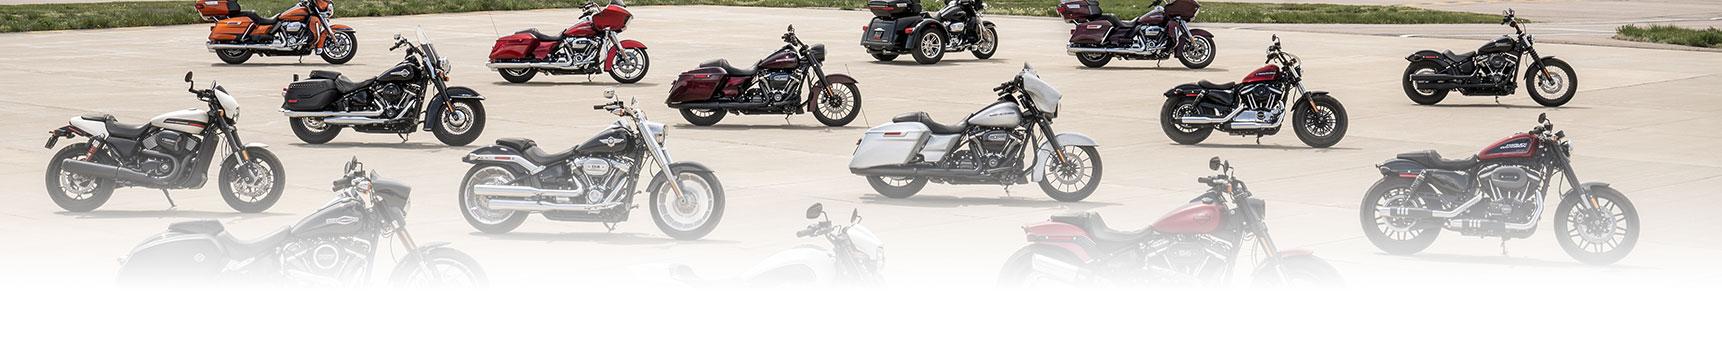 Sign up for M & S Harley-Davidson's newsletter